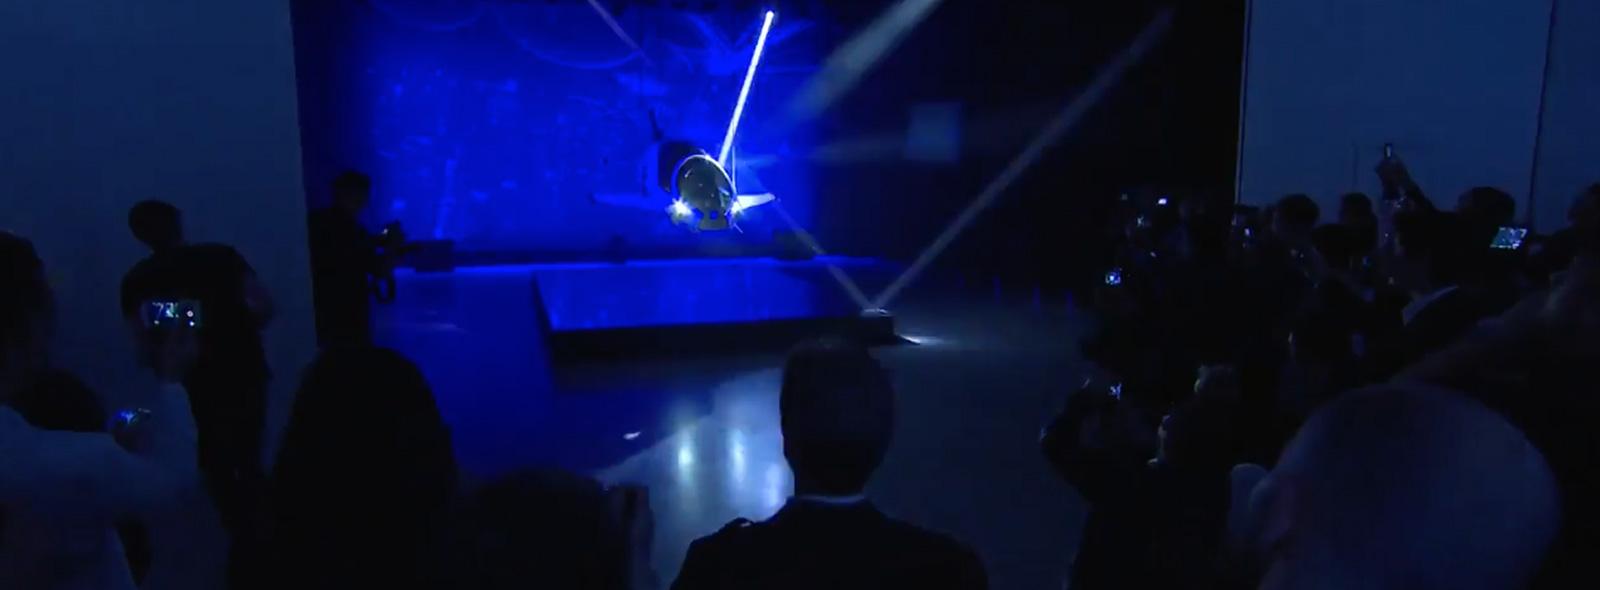 I fari frontali dello SkyJet illuminano una sala scura allestita per il lancio del film Valerian